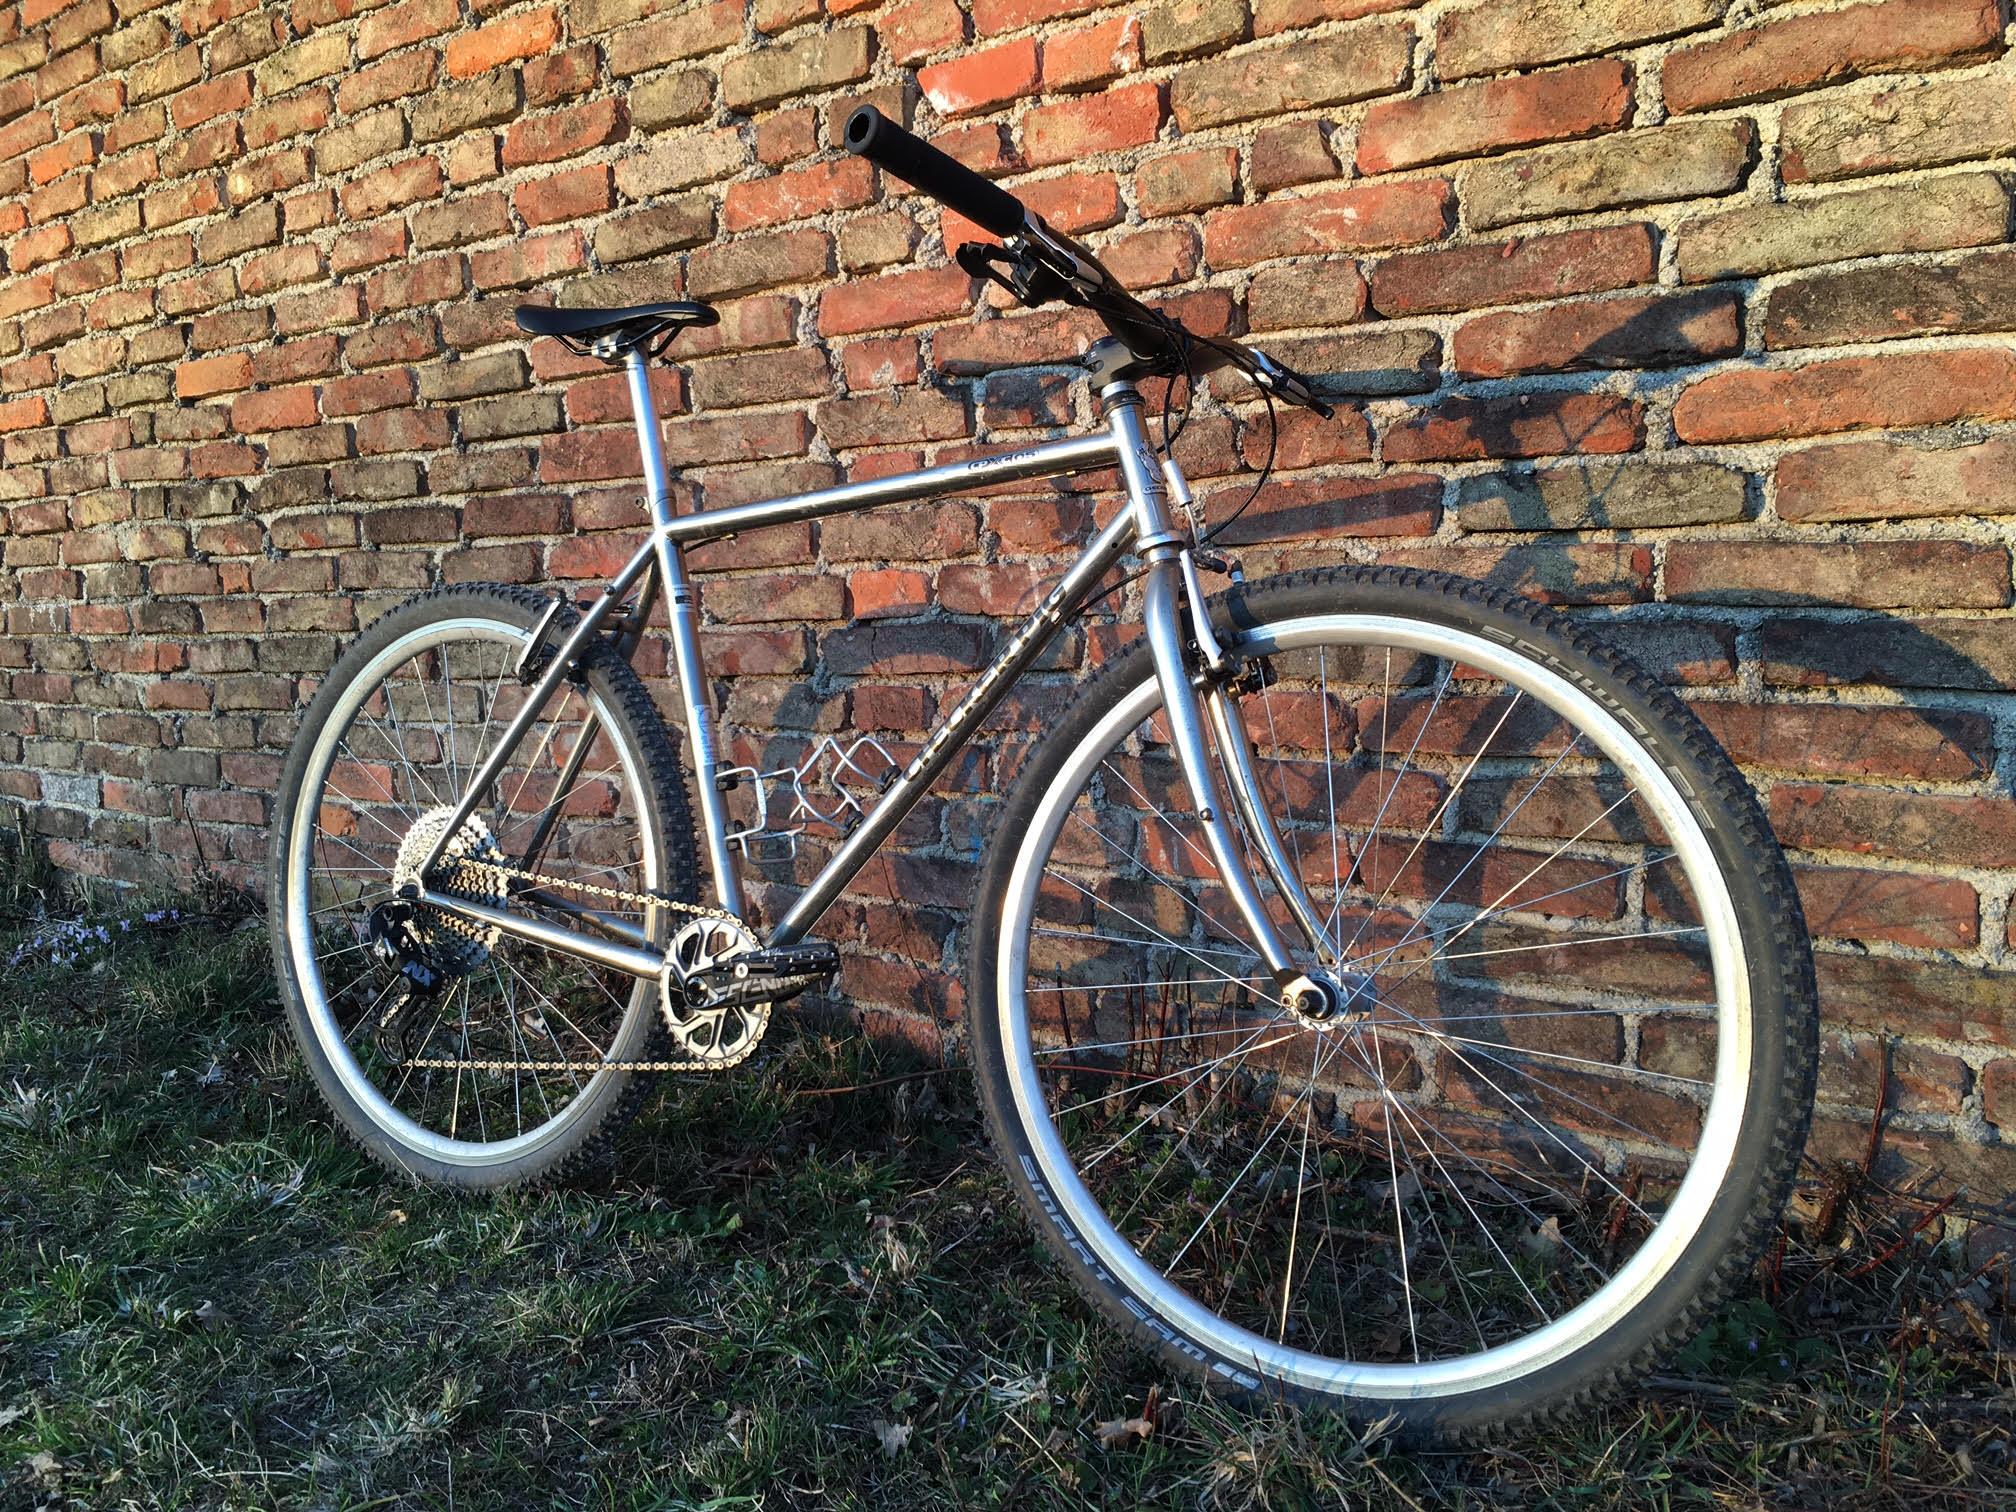 Bonicon_CheckerPig_47_Cyclocross_02.03.21.jpg